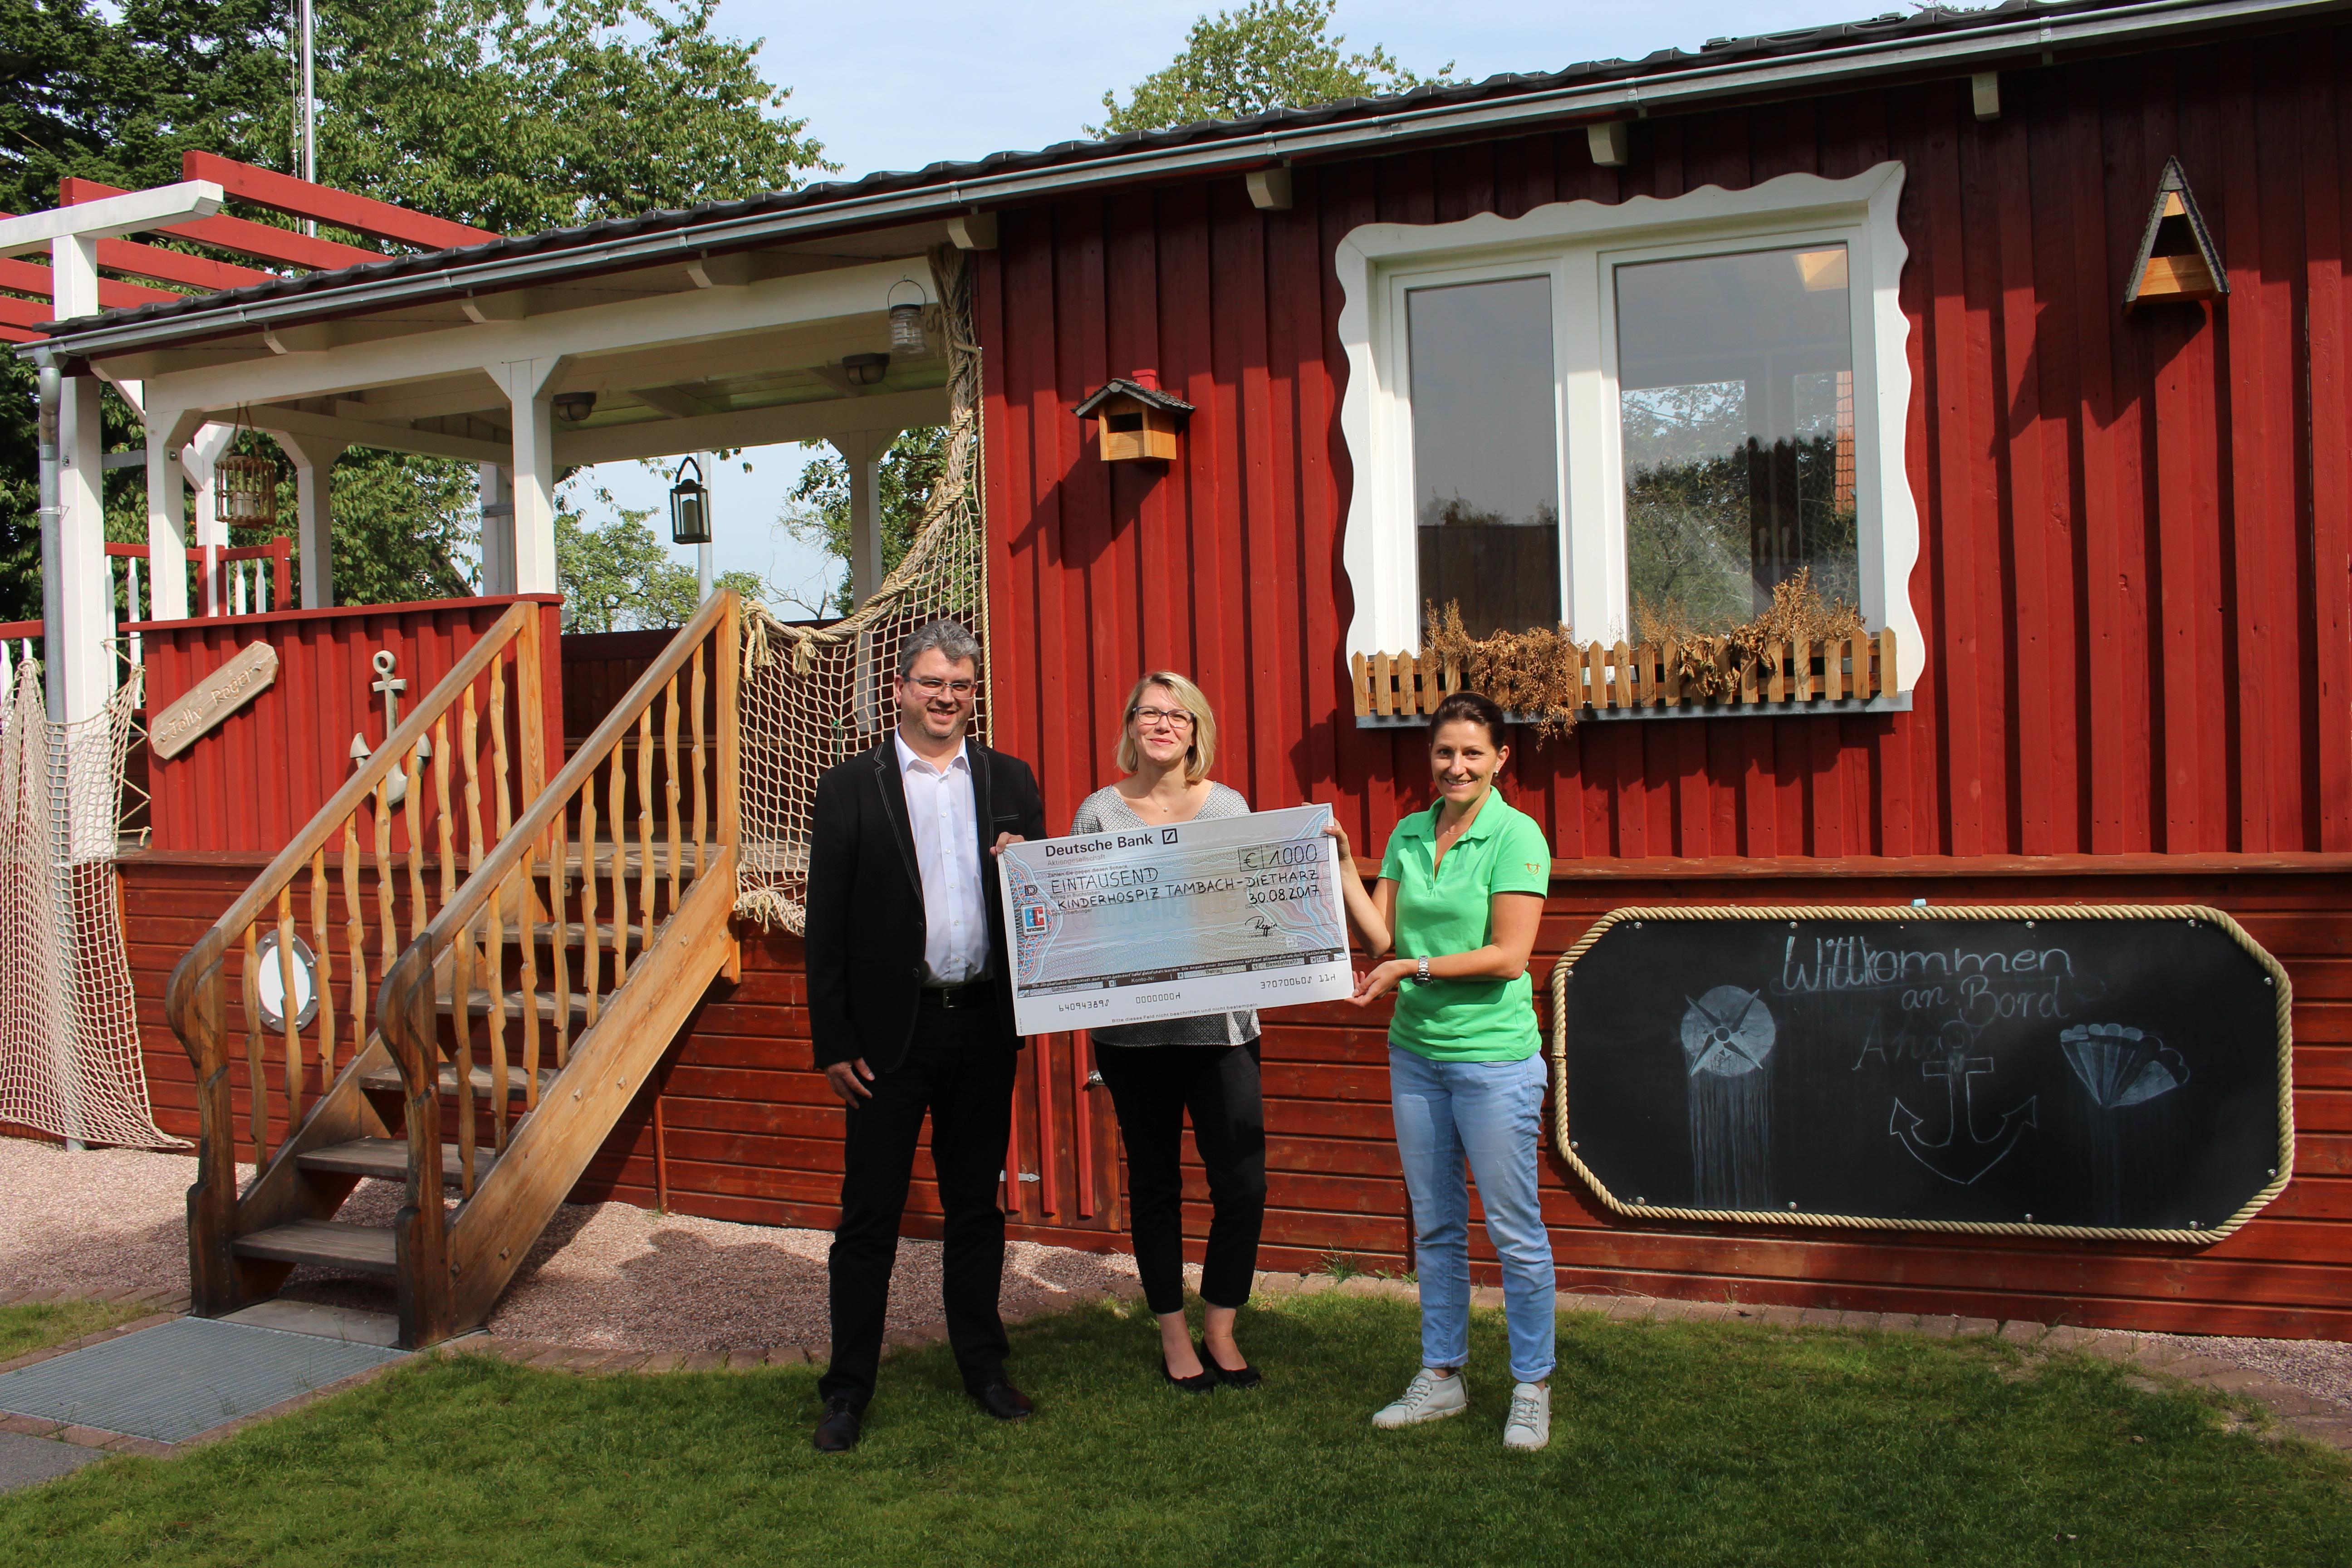 Spende für das Kinderhospiz in Tambach-Dietharz